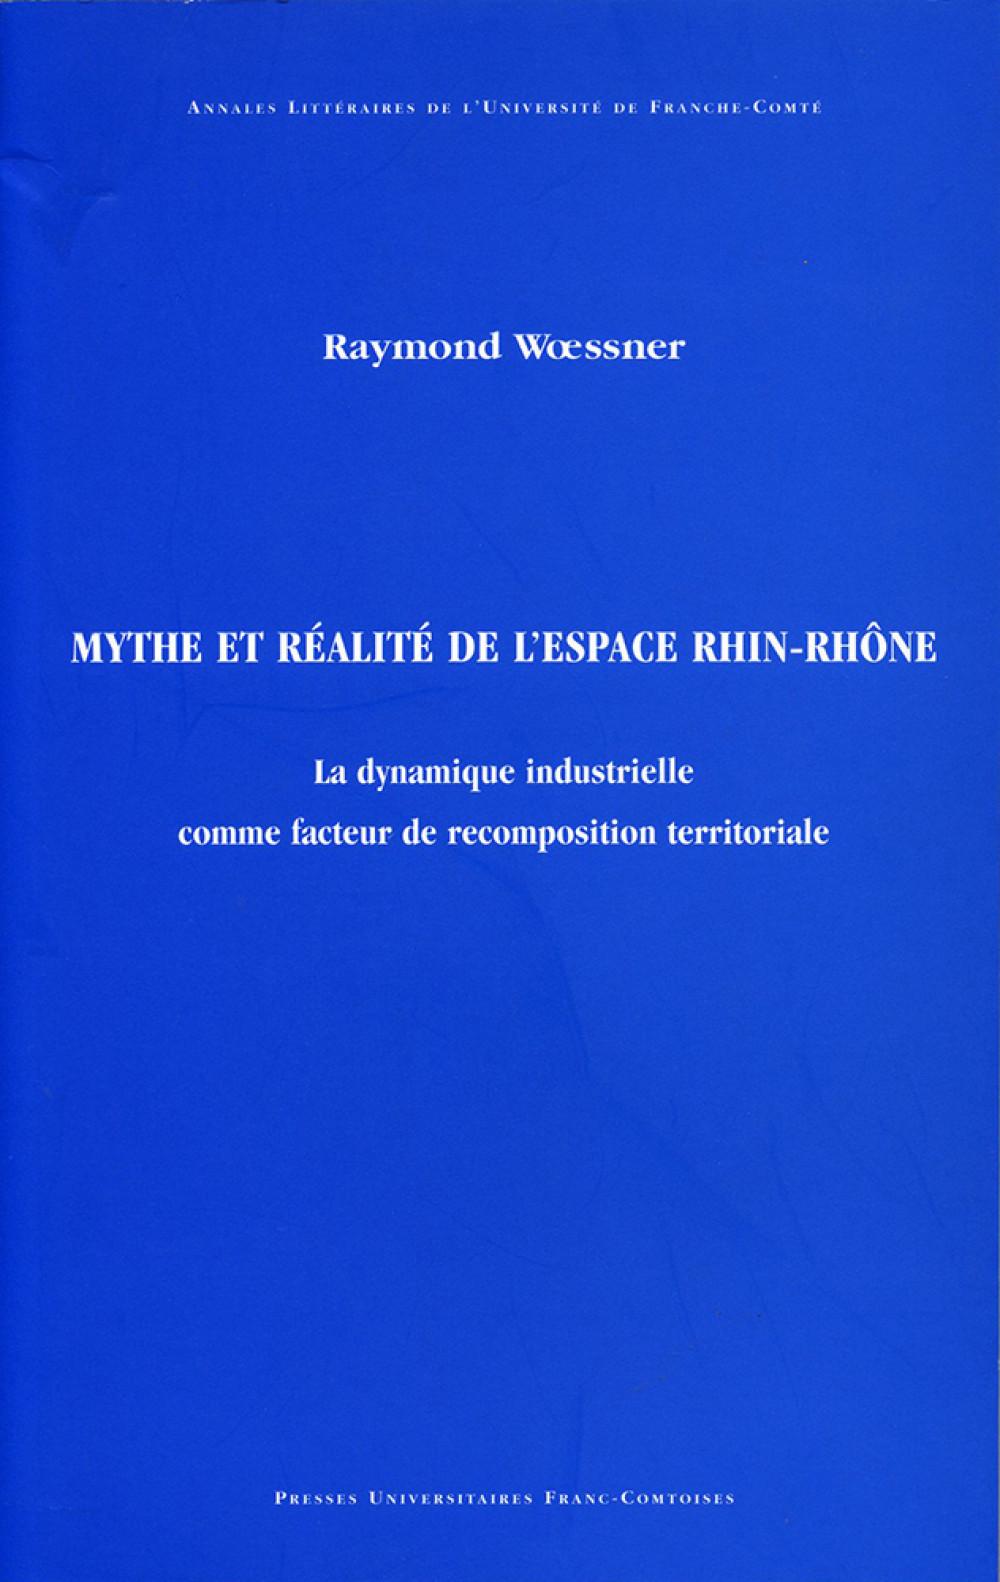 Mythe et réalité de l'espace Rhin-Rhône